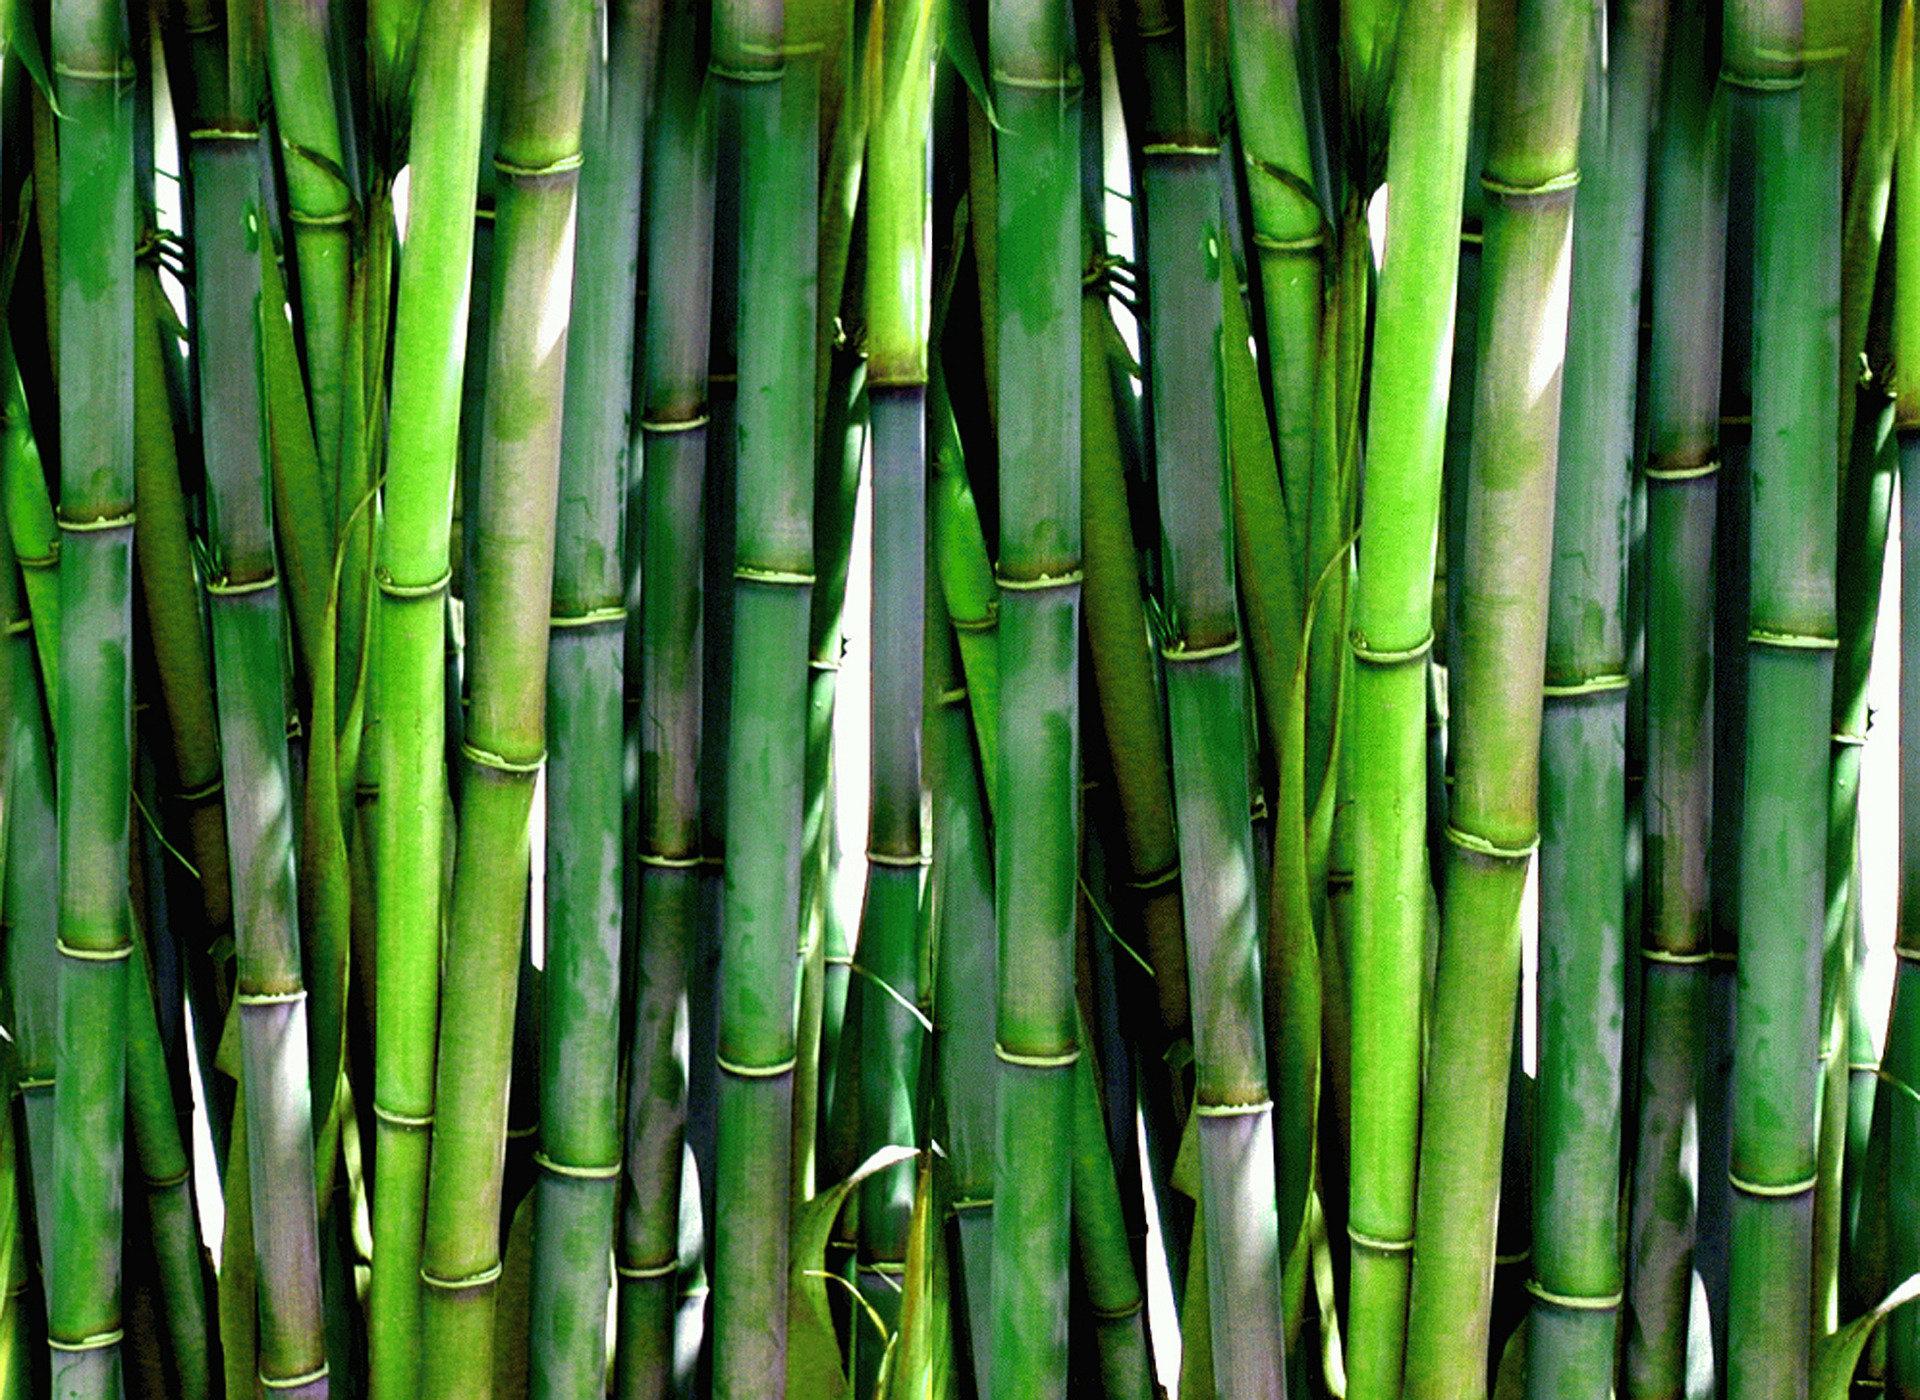 Bambus – všestranně využitelná travina